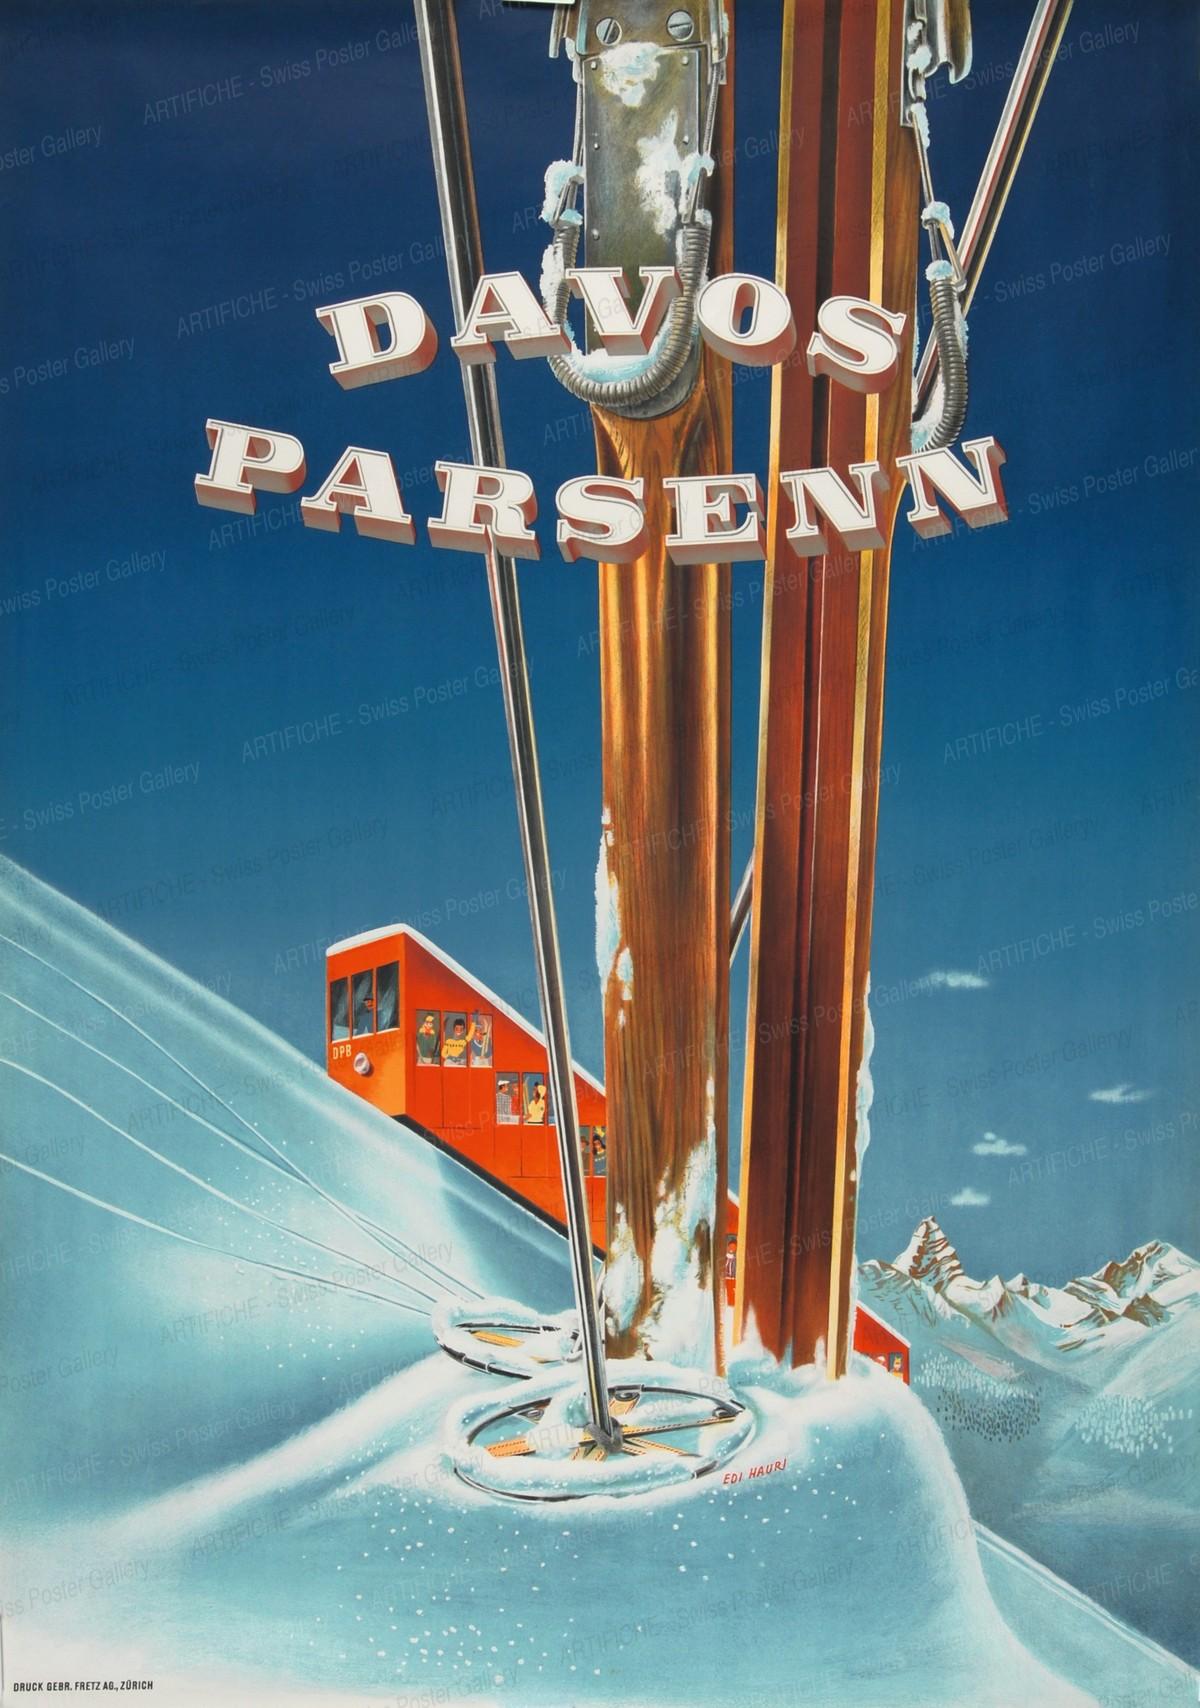 Davos Parsenn, Edi Hauri